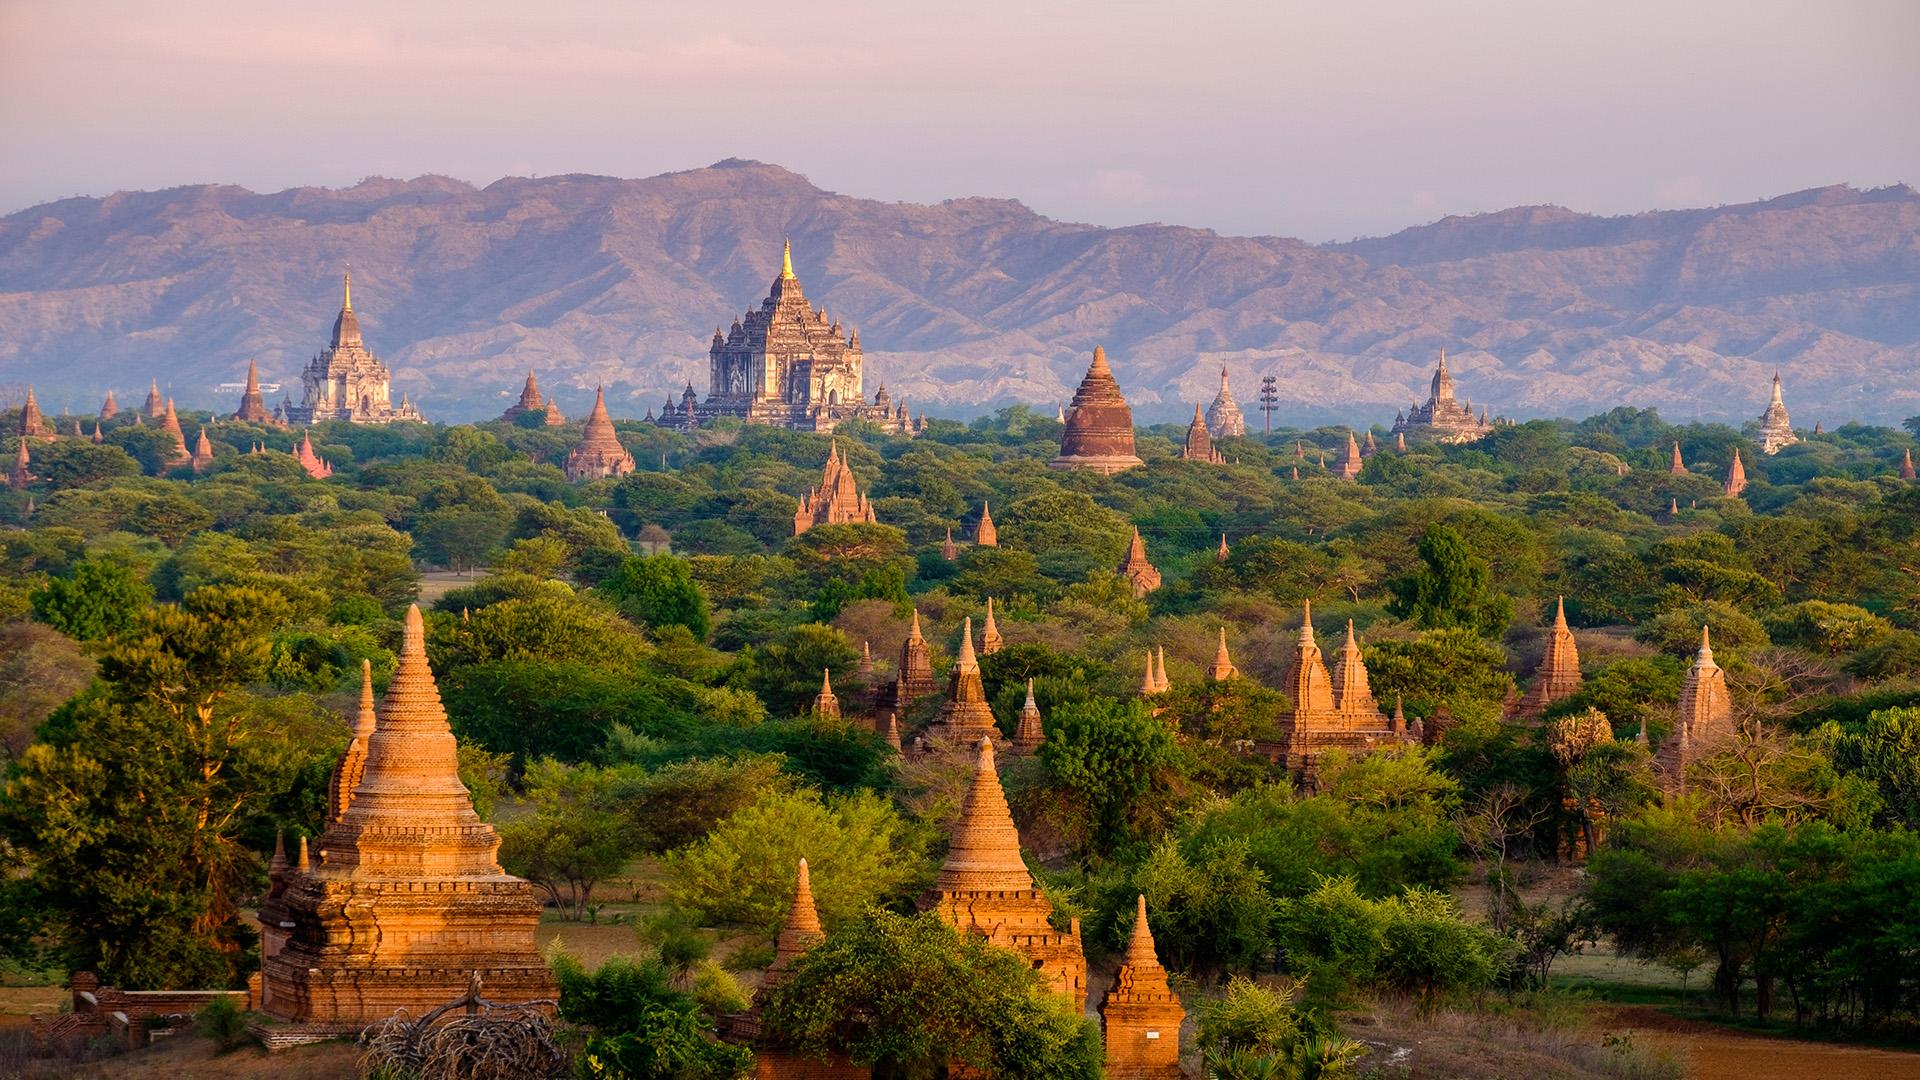 Myanmar histórico ofrece mucho para unas vacaciones de lujo: viajes en barco a lo largo del Irrawaddy entre Yangon y Bagan, así como refugios de élite en la playa de Ngapali